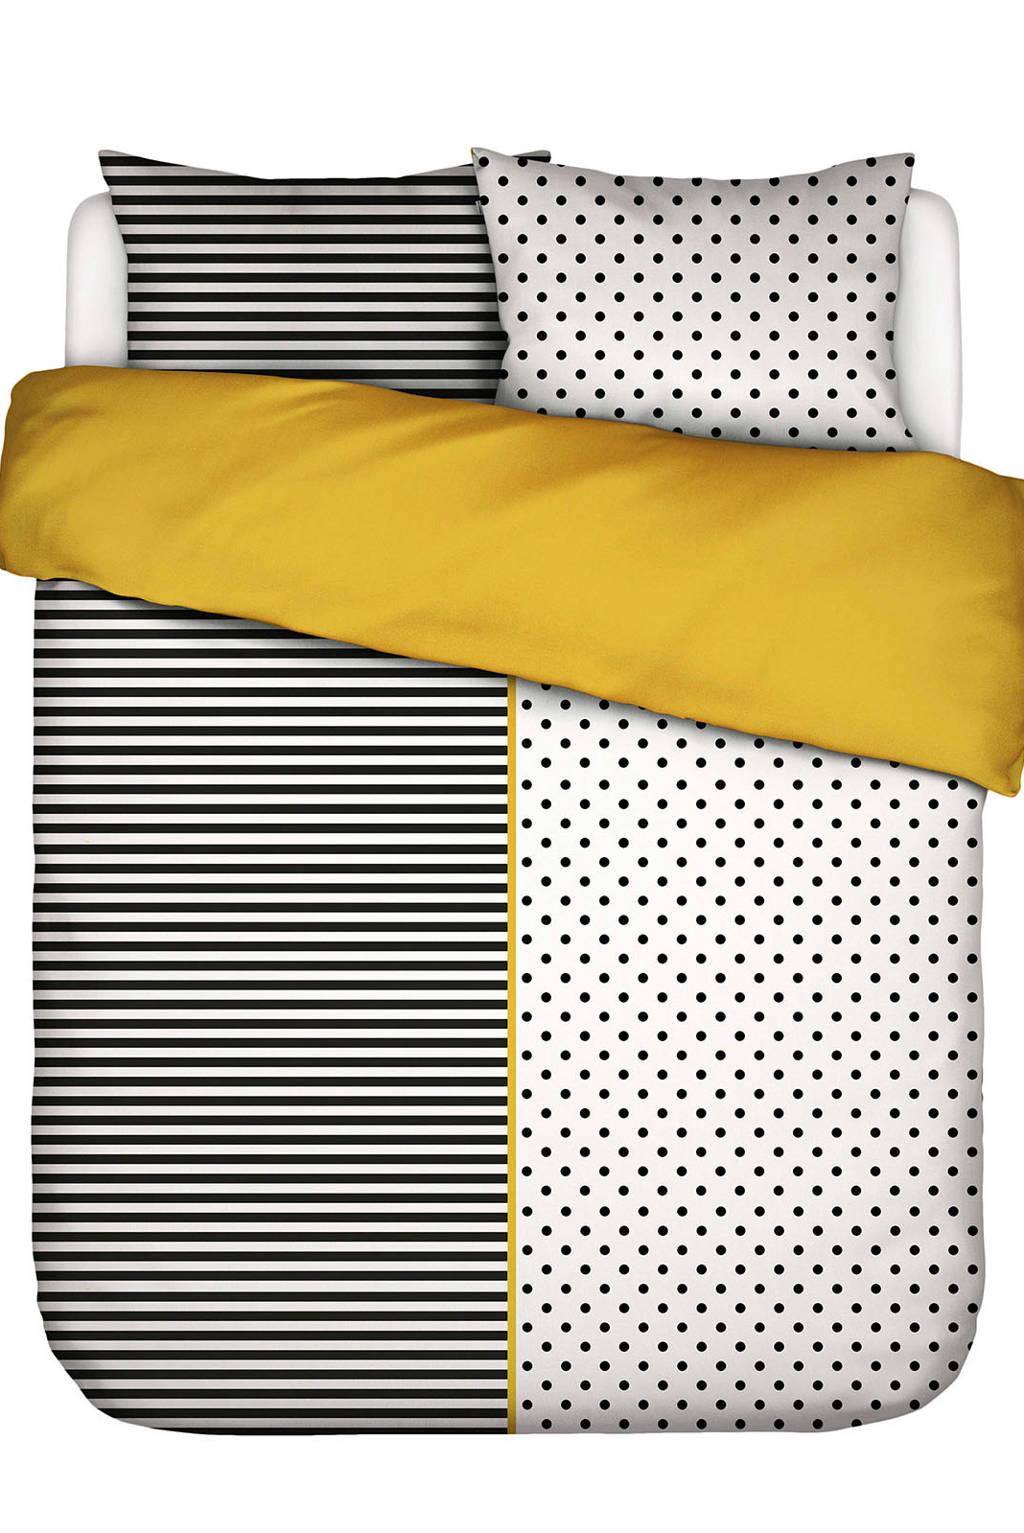 Covers & Co perkalkatoenen dekbedovertrek 2 persoons, 2 persoons (200 cm breed)